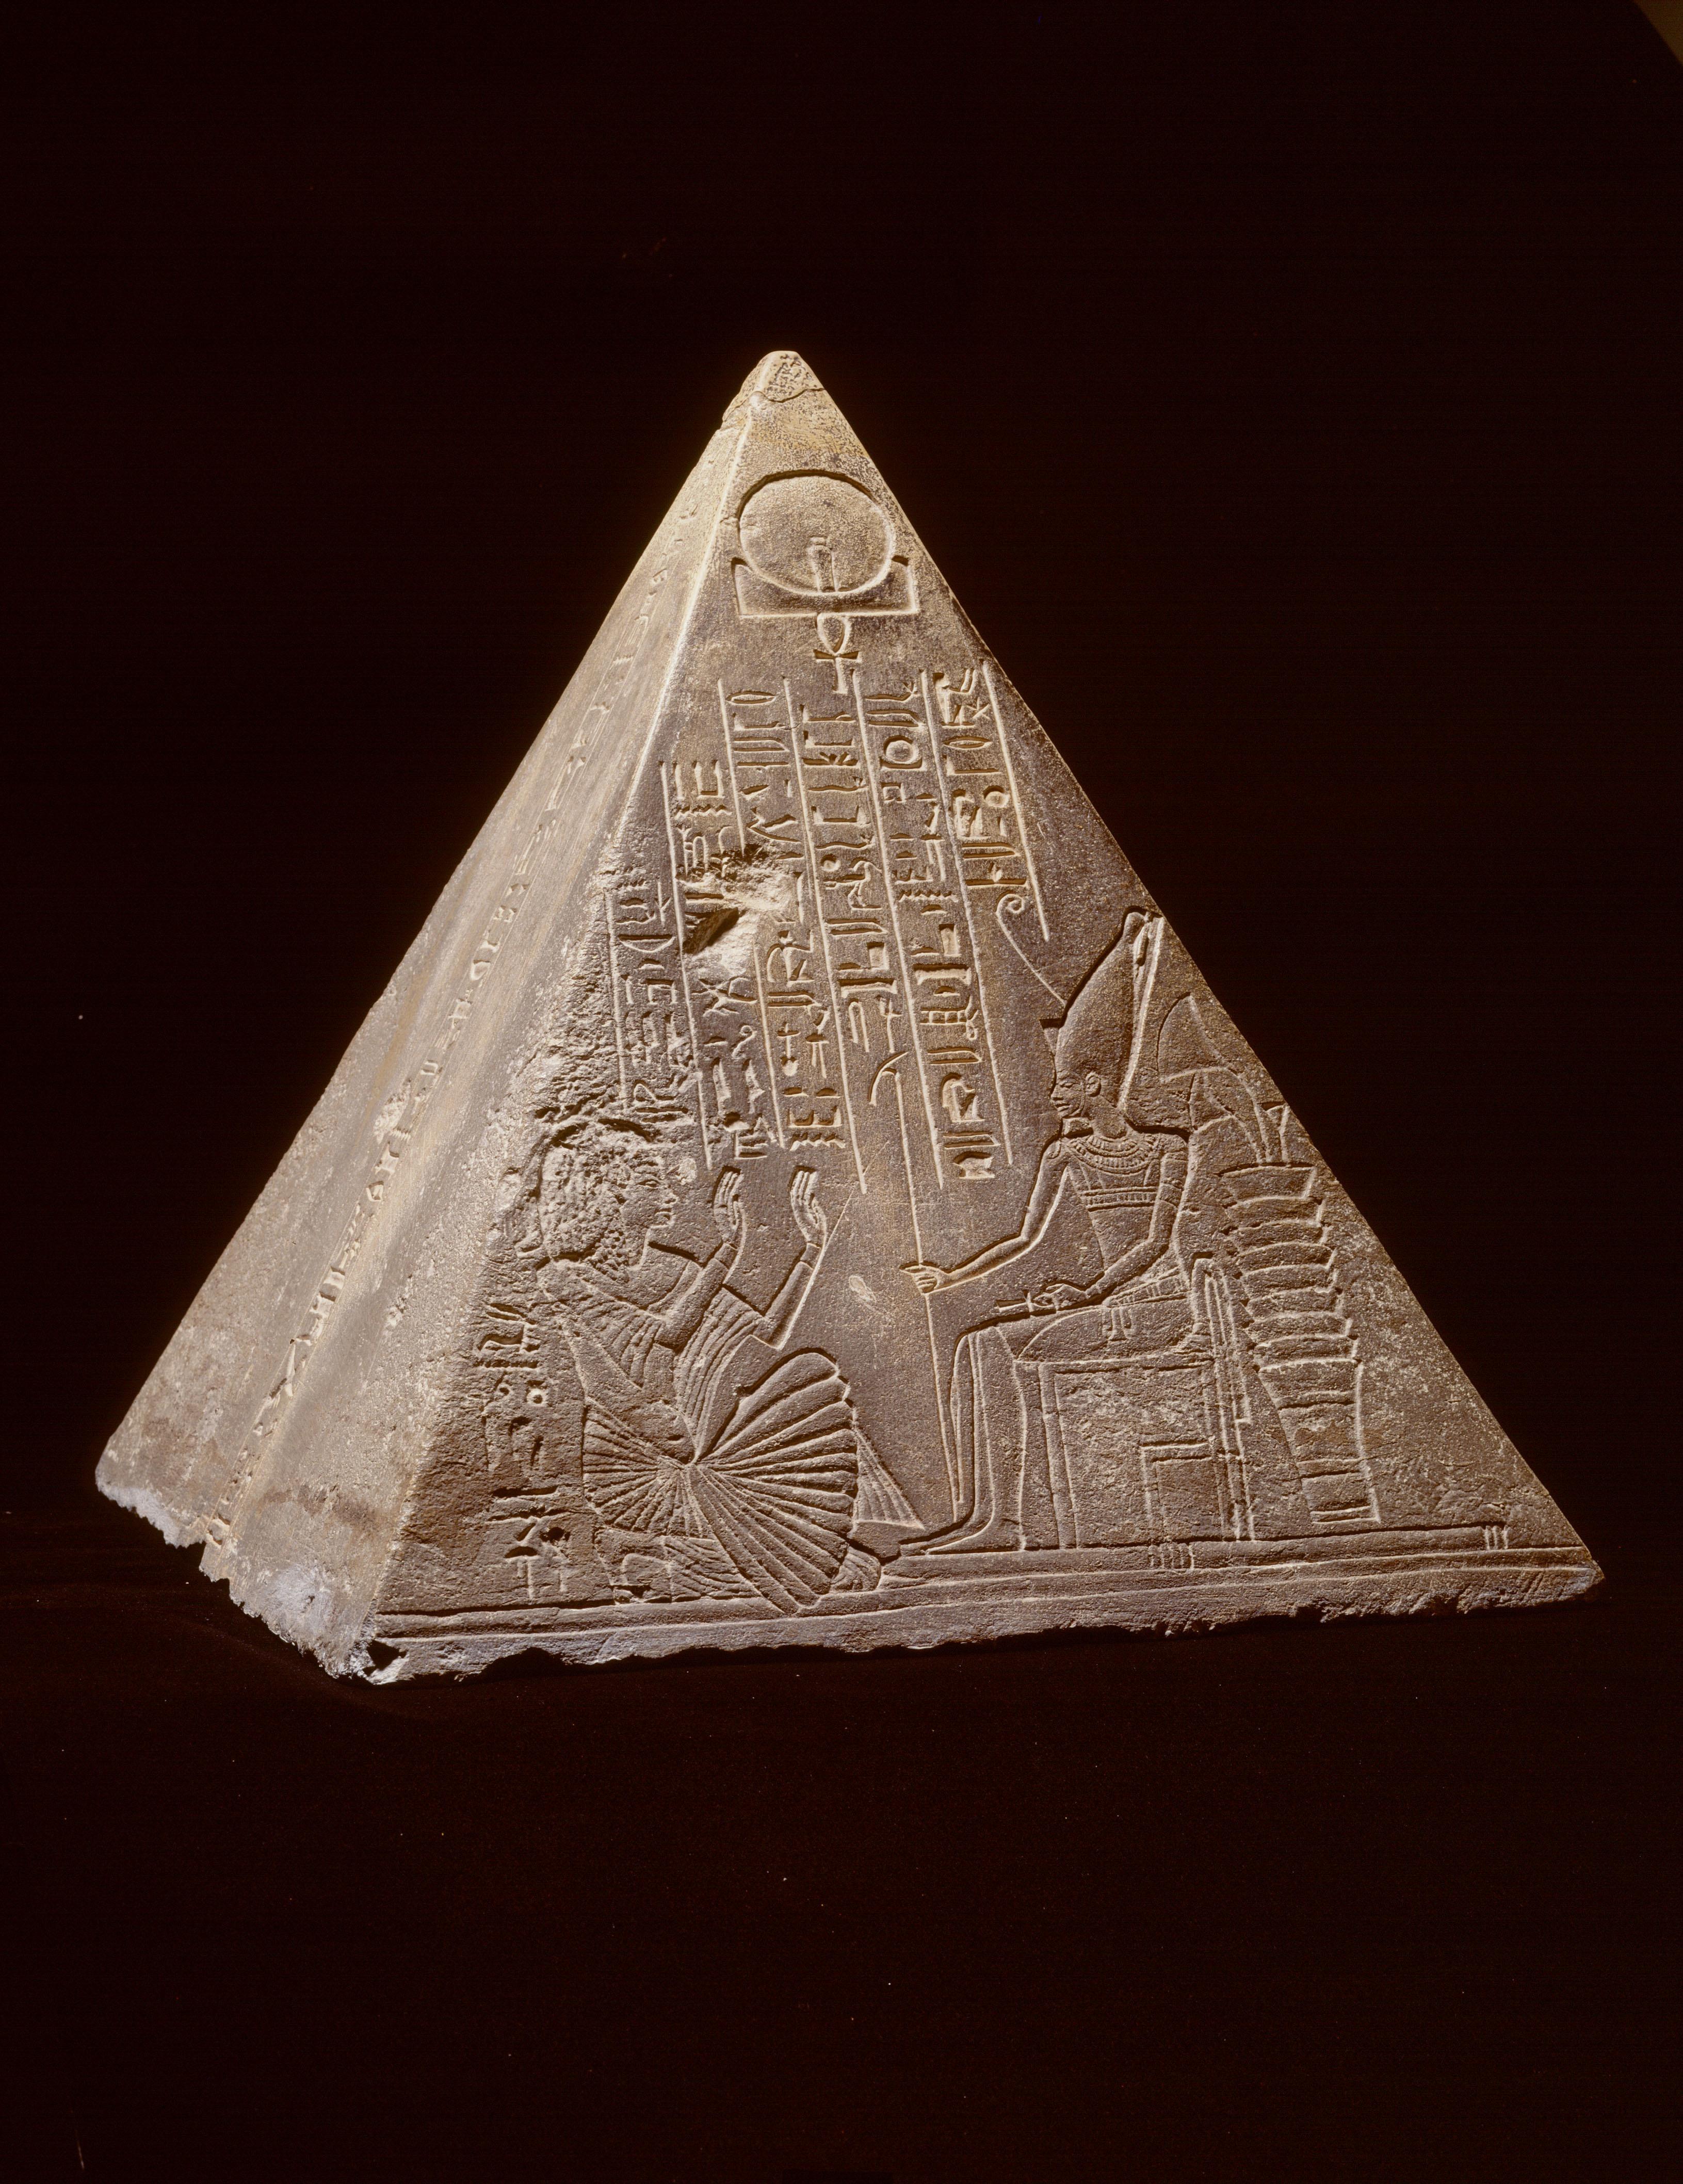 『ライデン国立古代博物館所蔵 古代エジプト展』「王の書記パウティのピラミディオン」